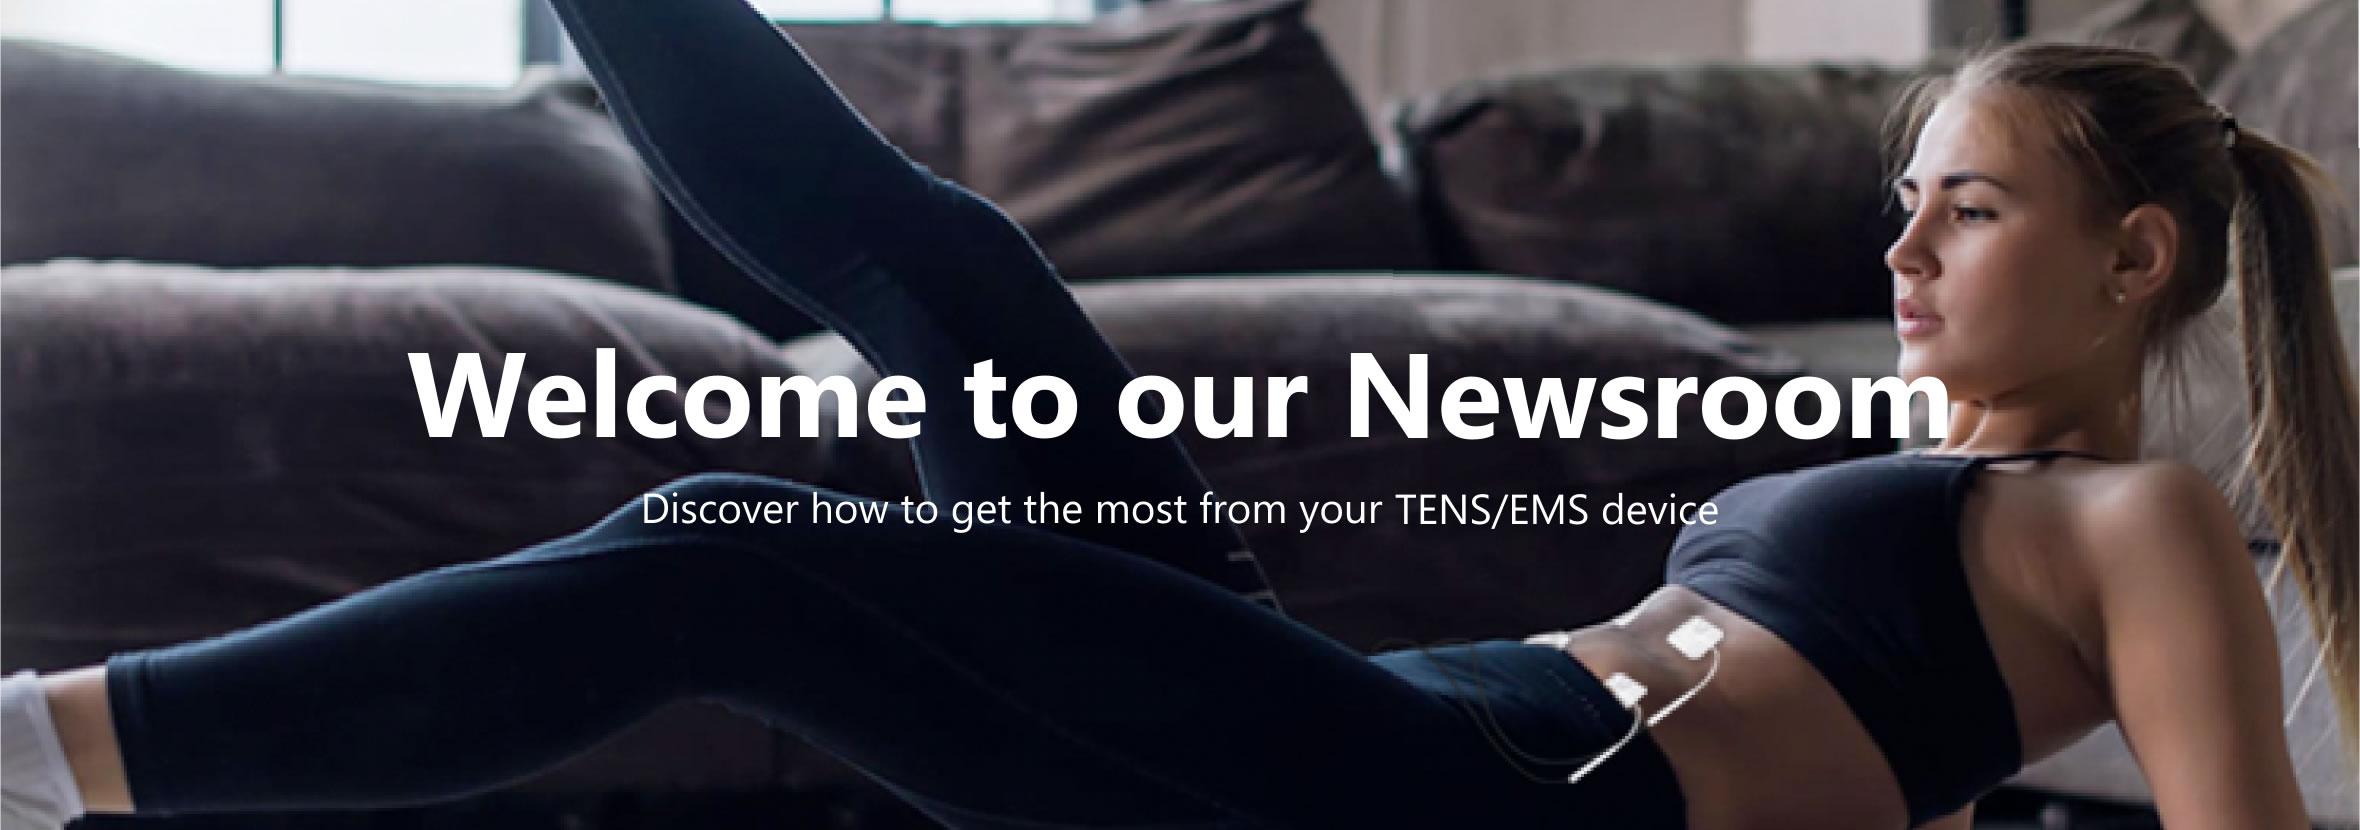 Newsroom TENS Machines Australia Blog